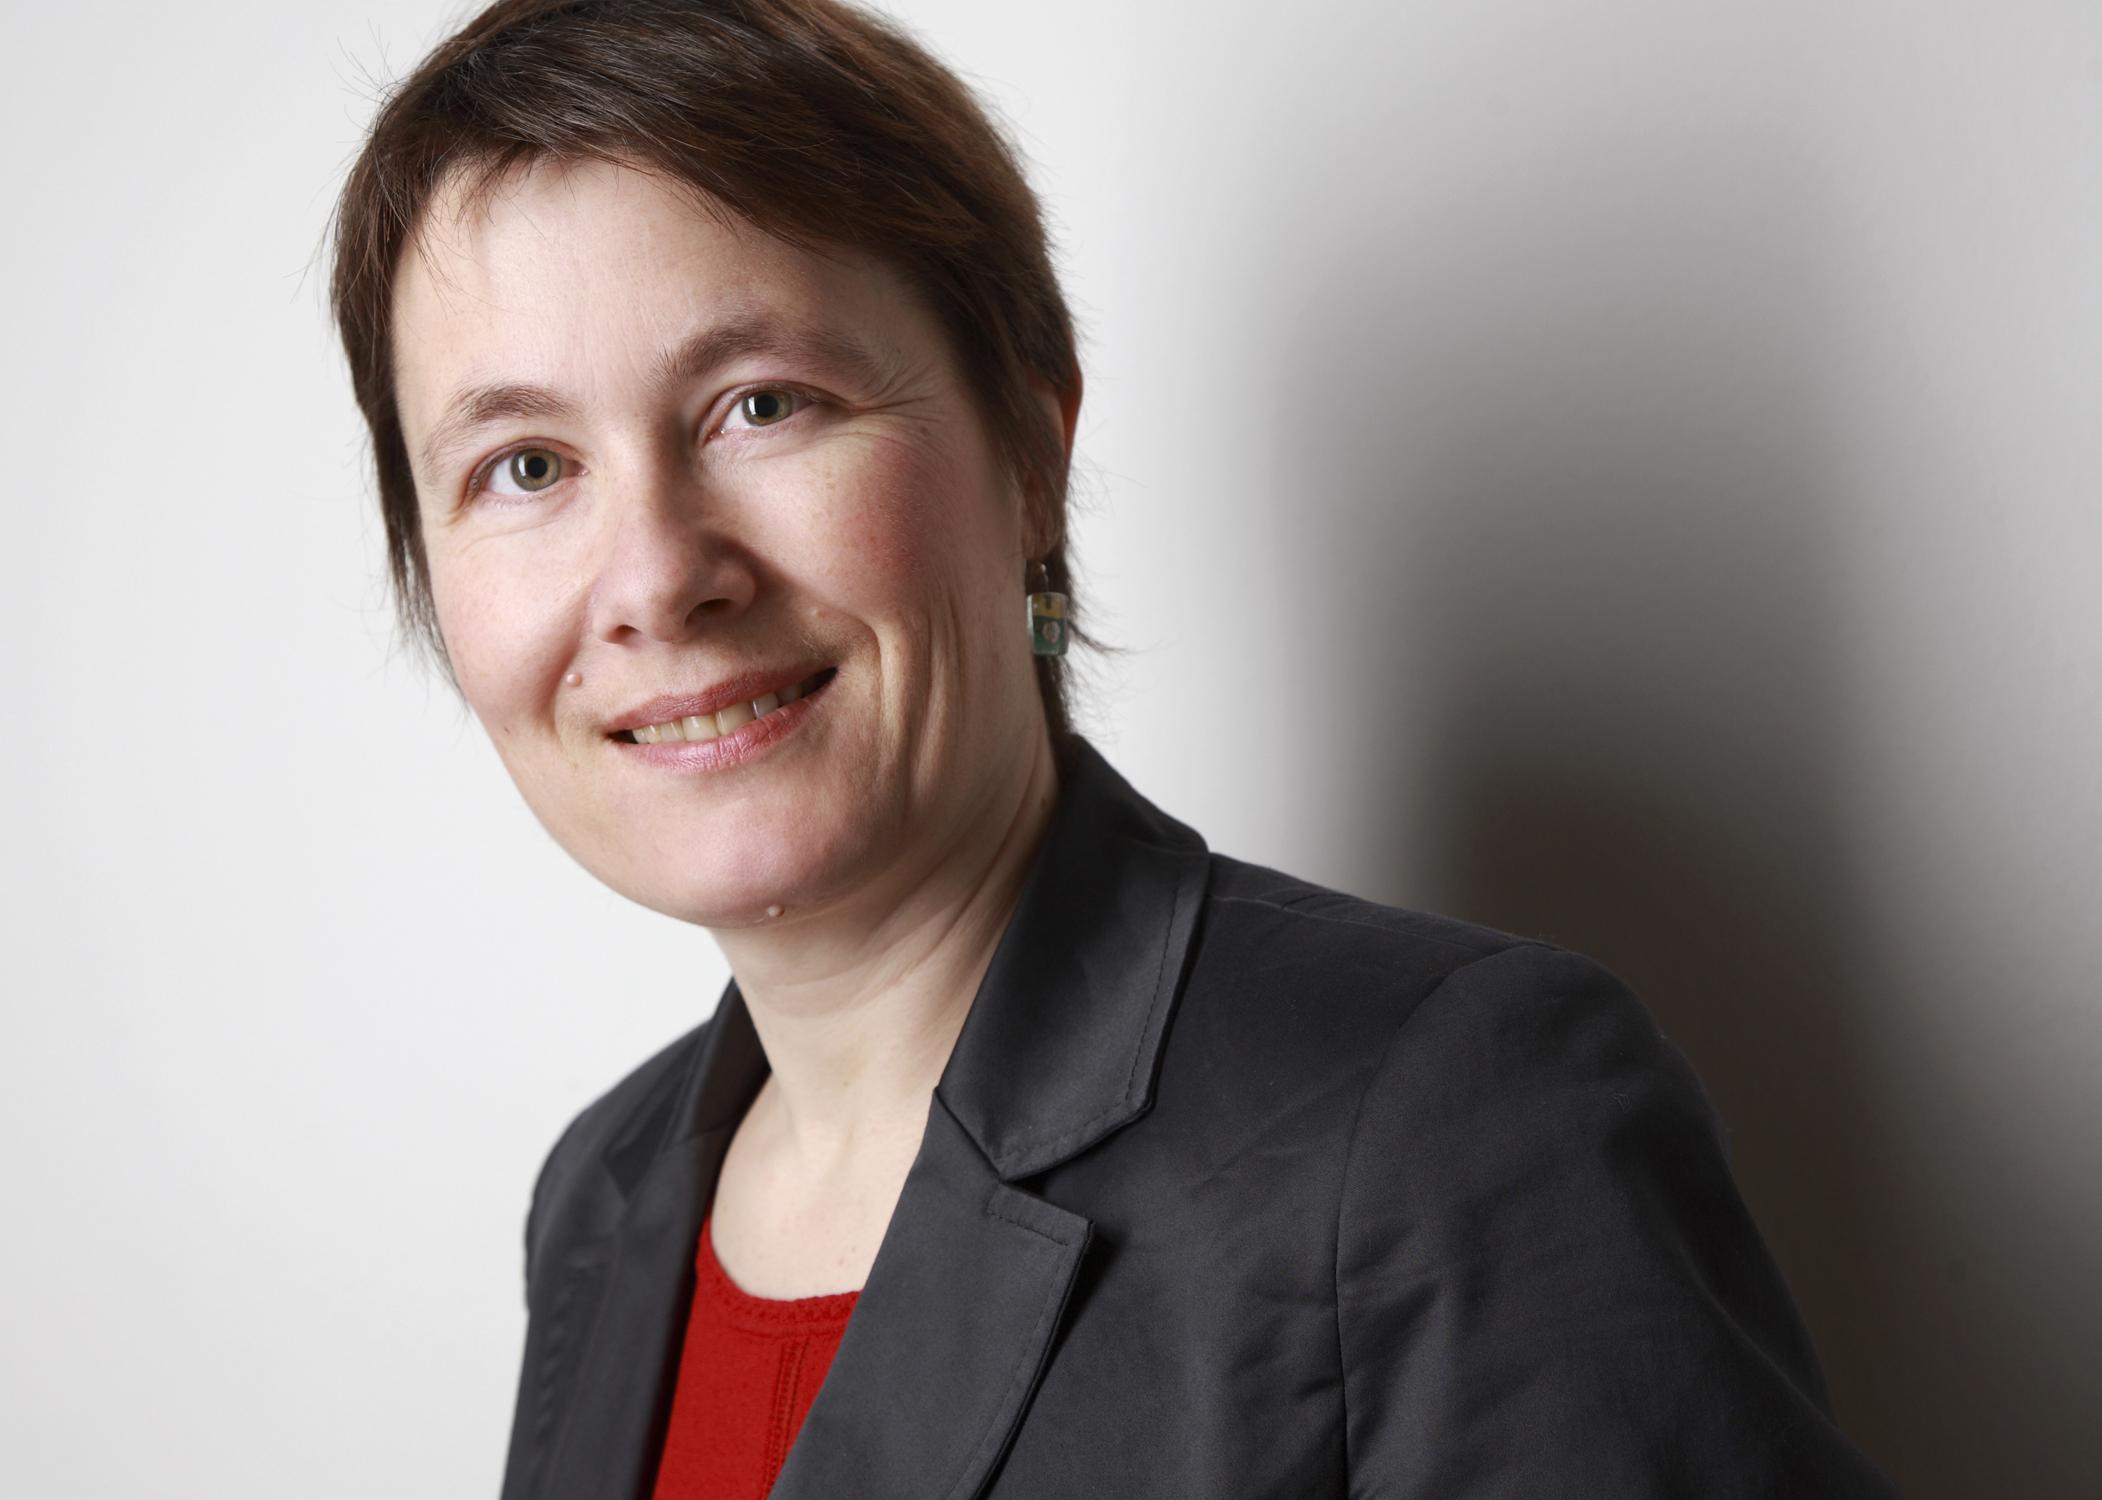 Eva Kocher